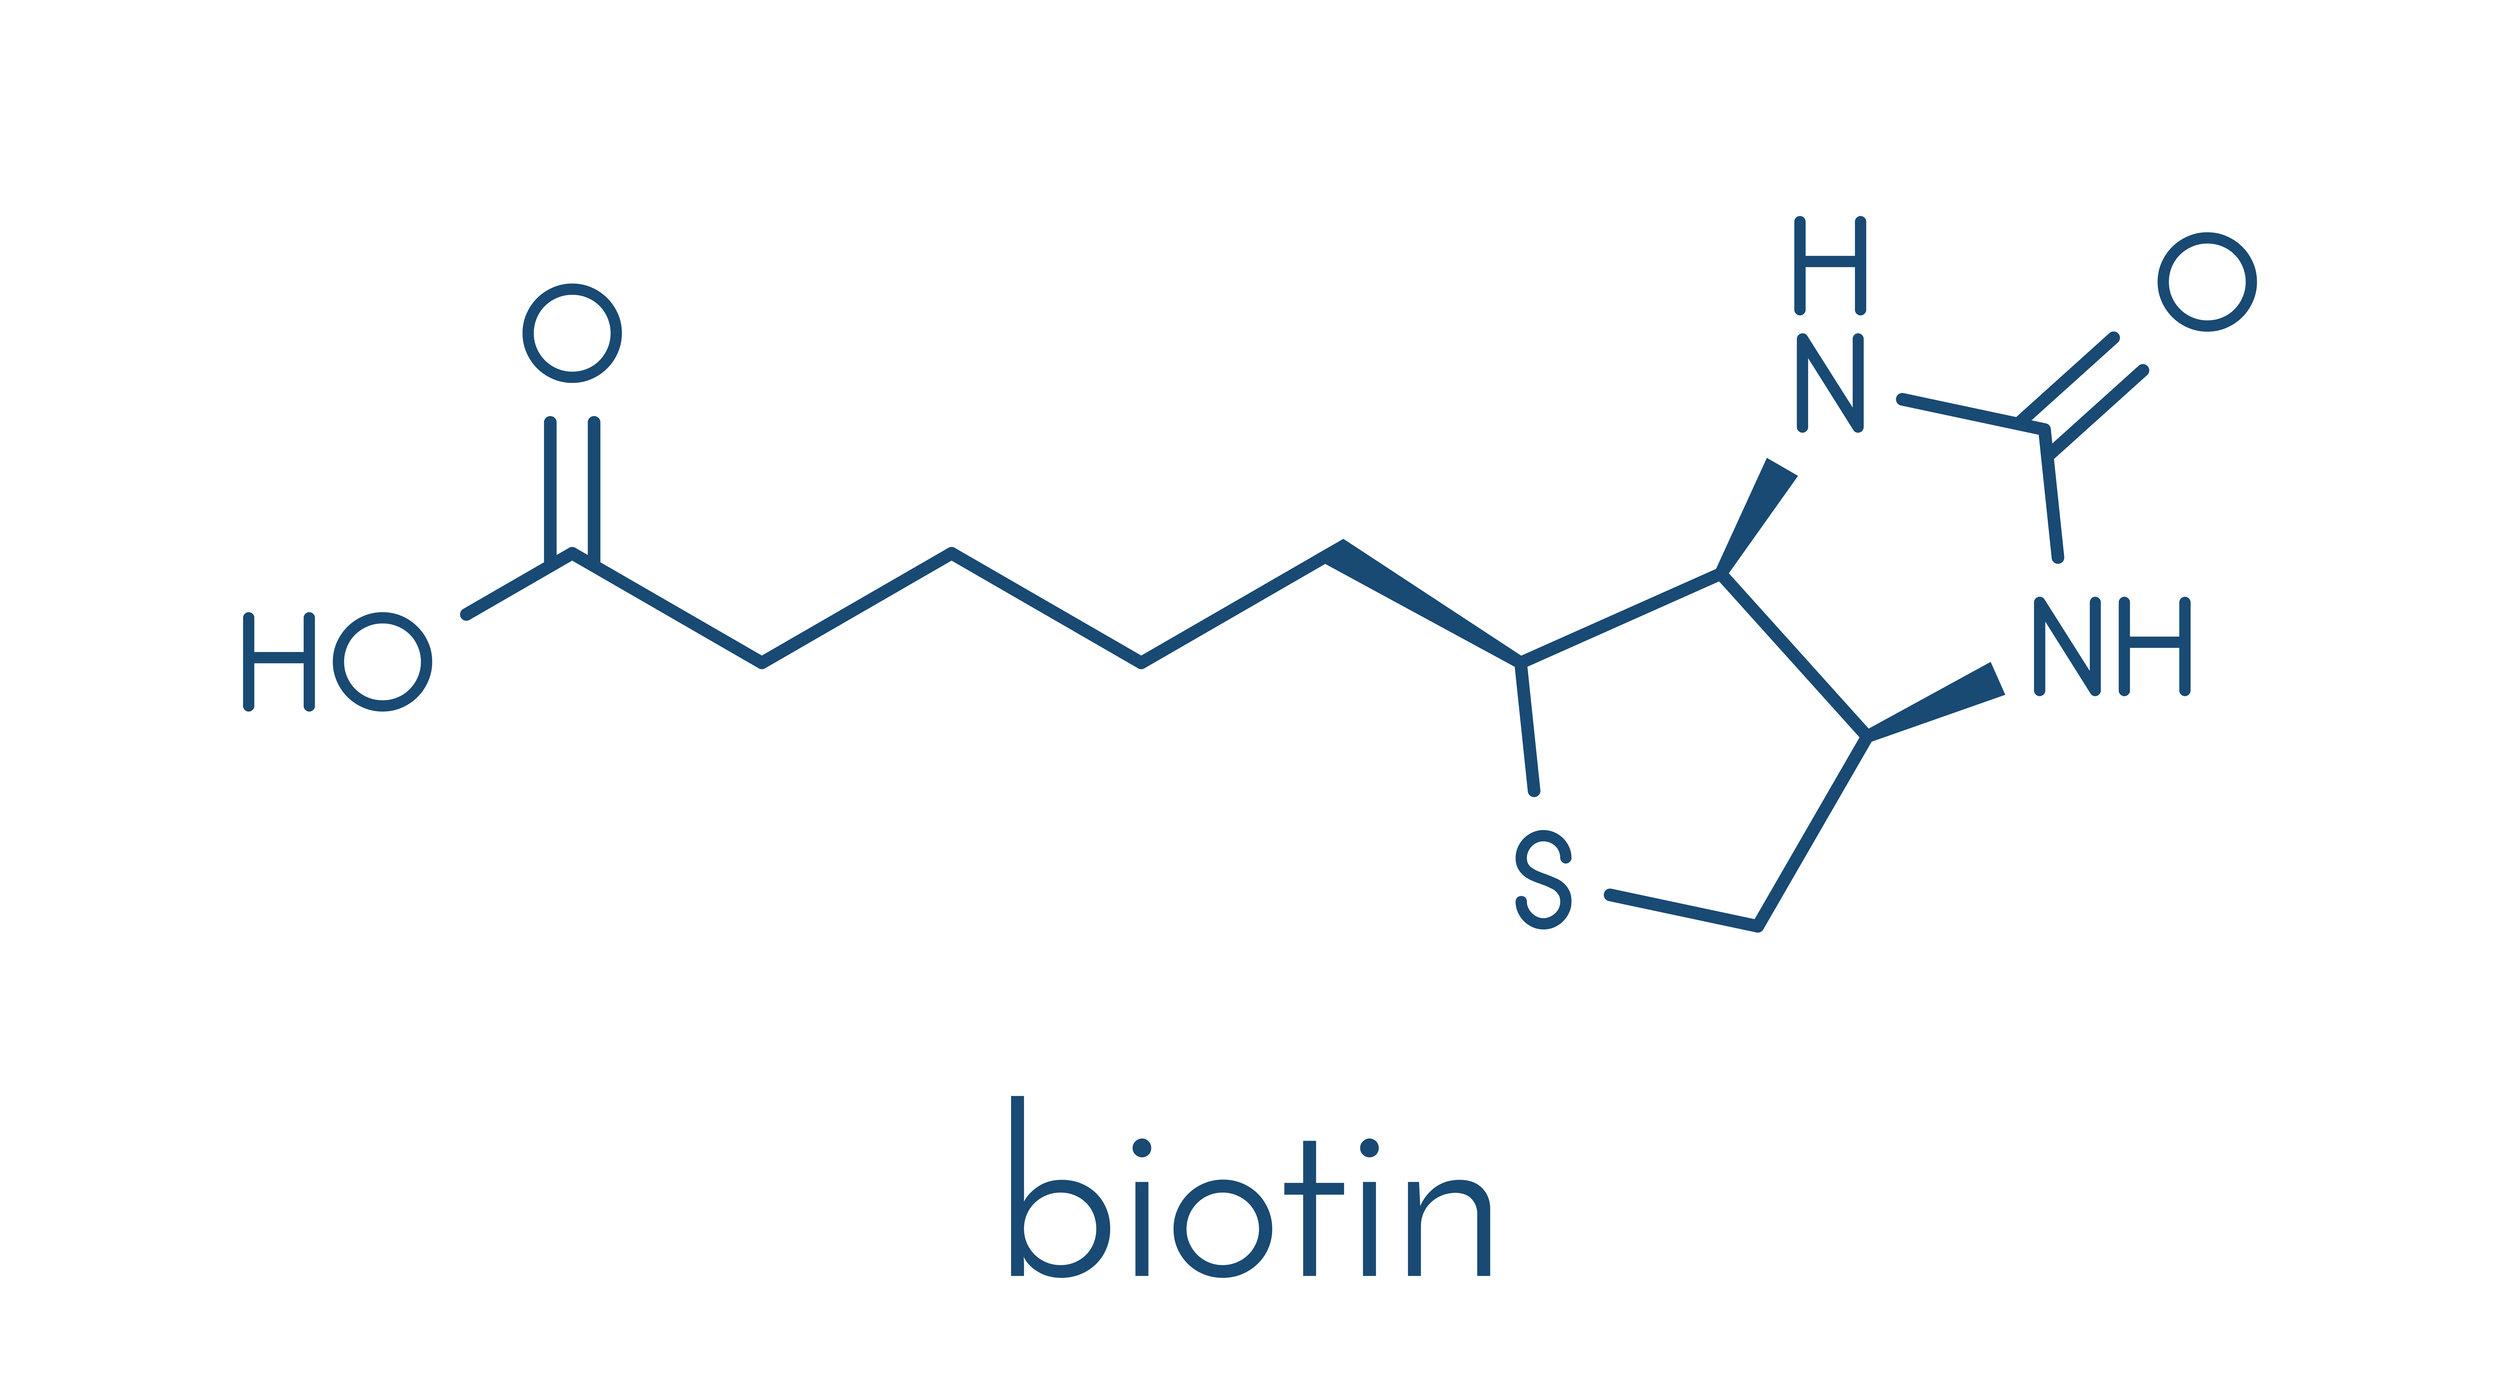 Biotin_5.jpg